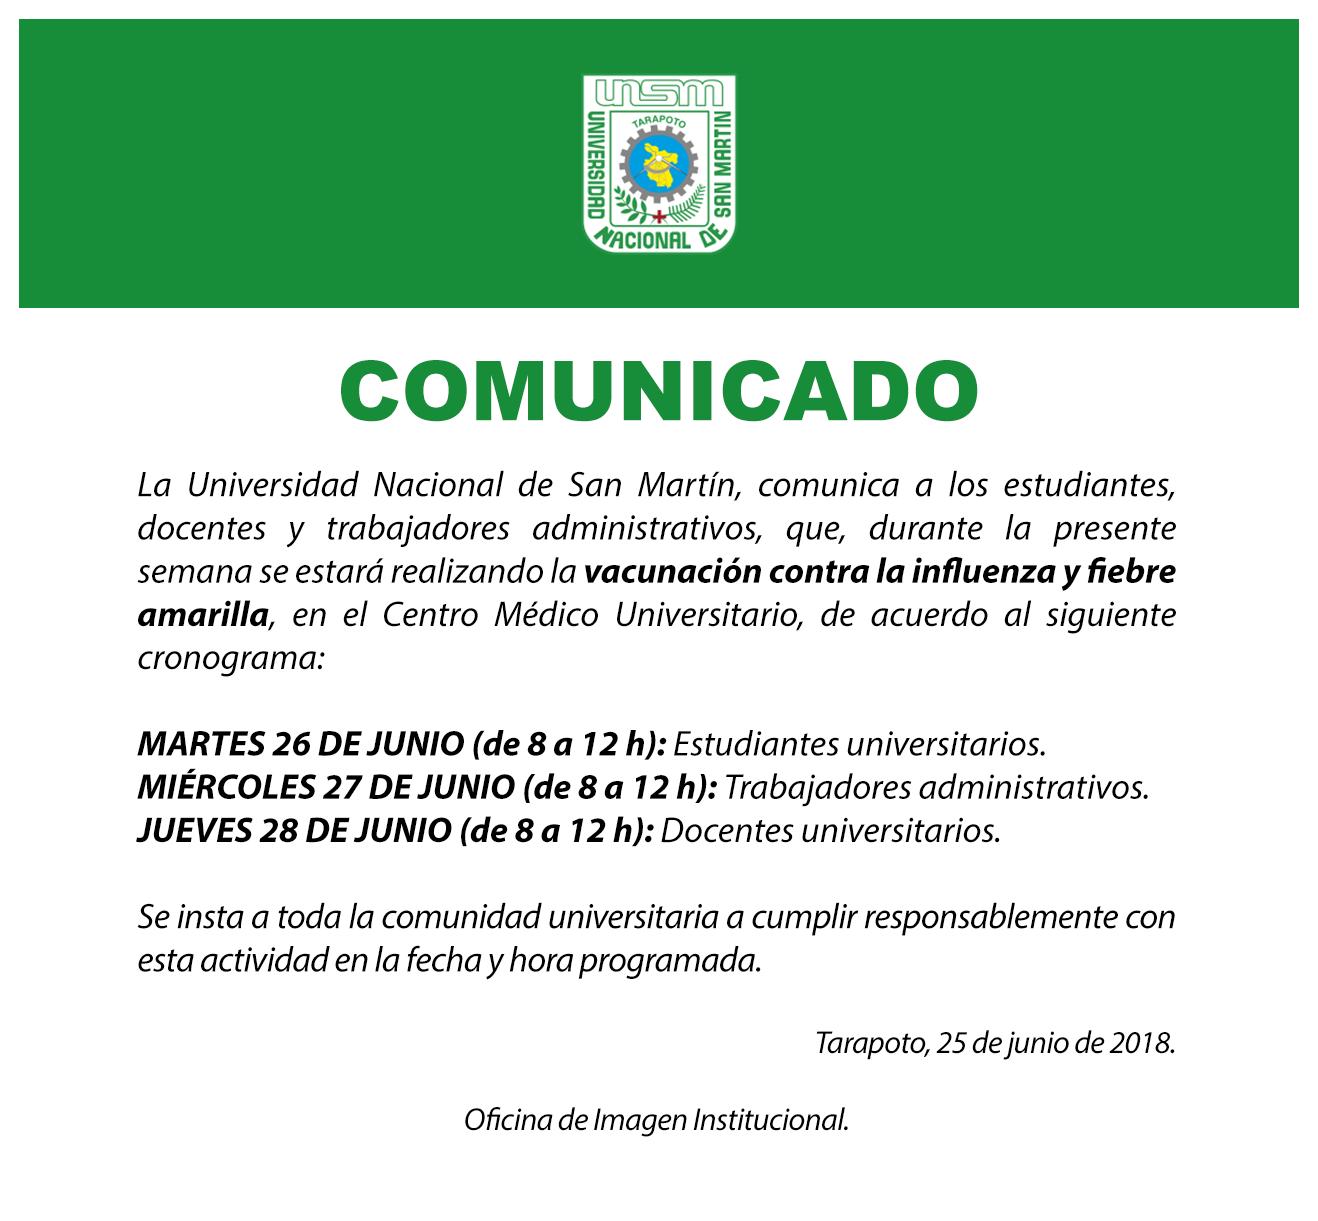 03 - COMUNICADO 250618